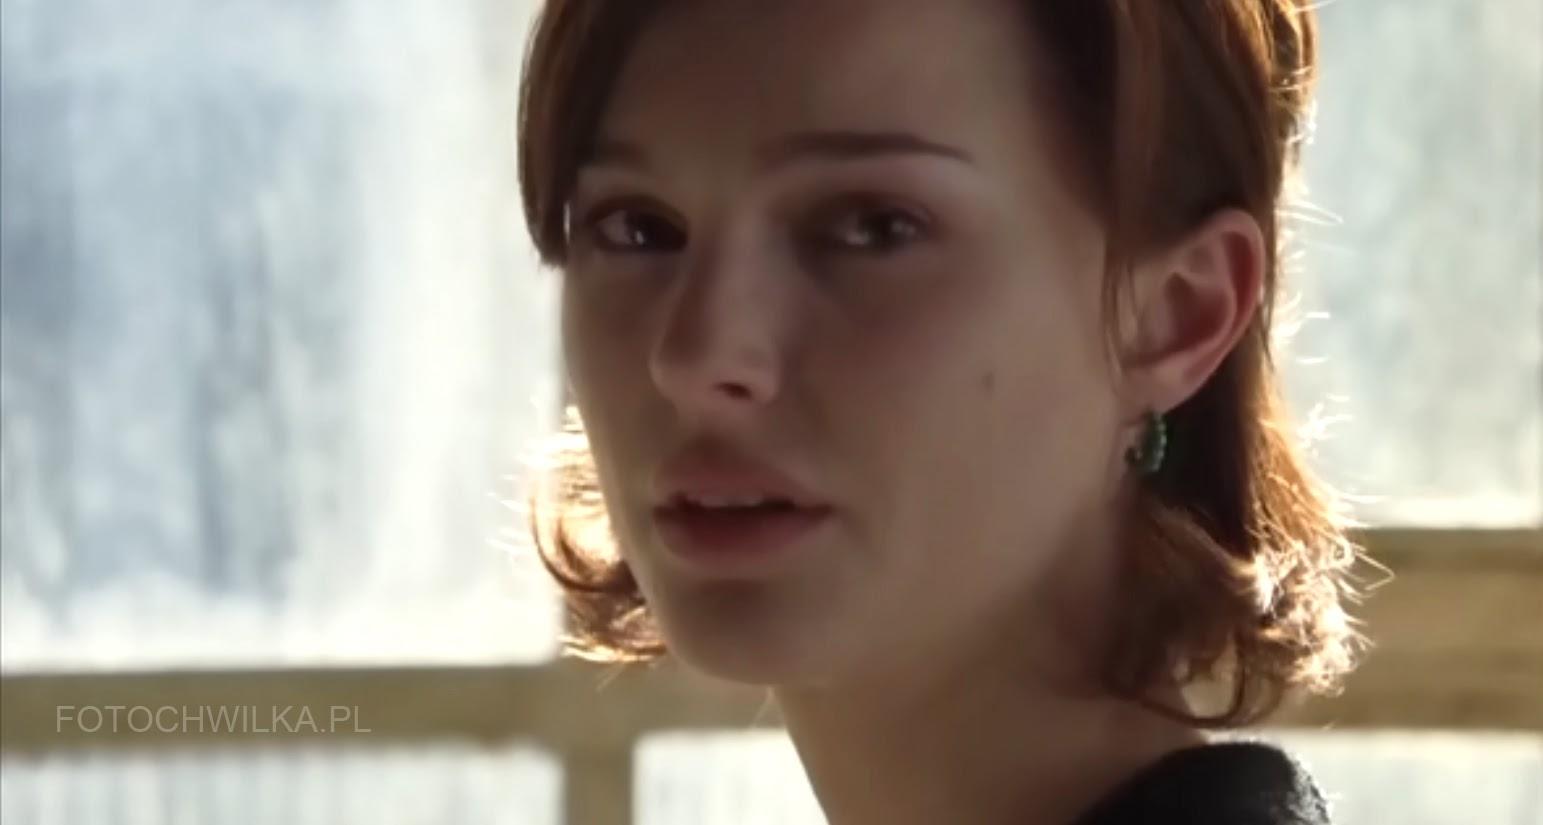 """Scena z filmu """"Bliżej"""" (Closer) - Natalie Portman"""